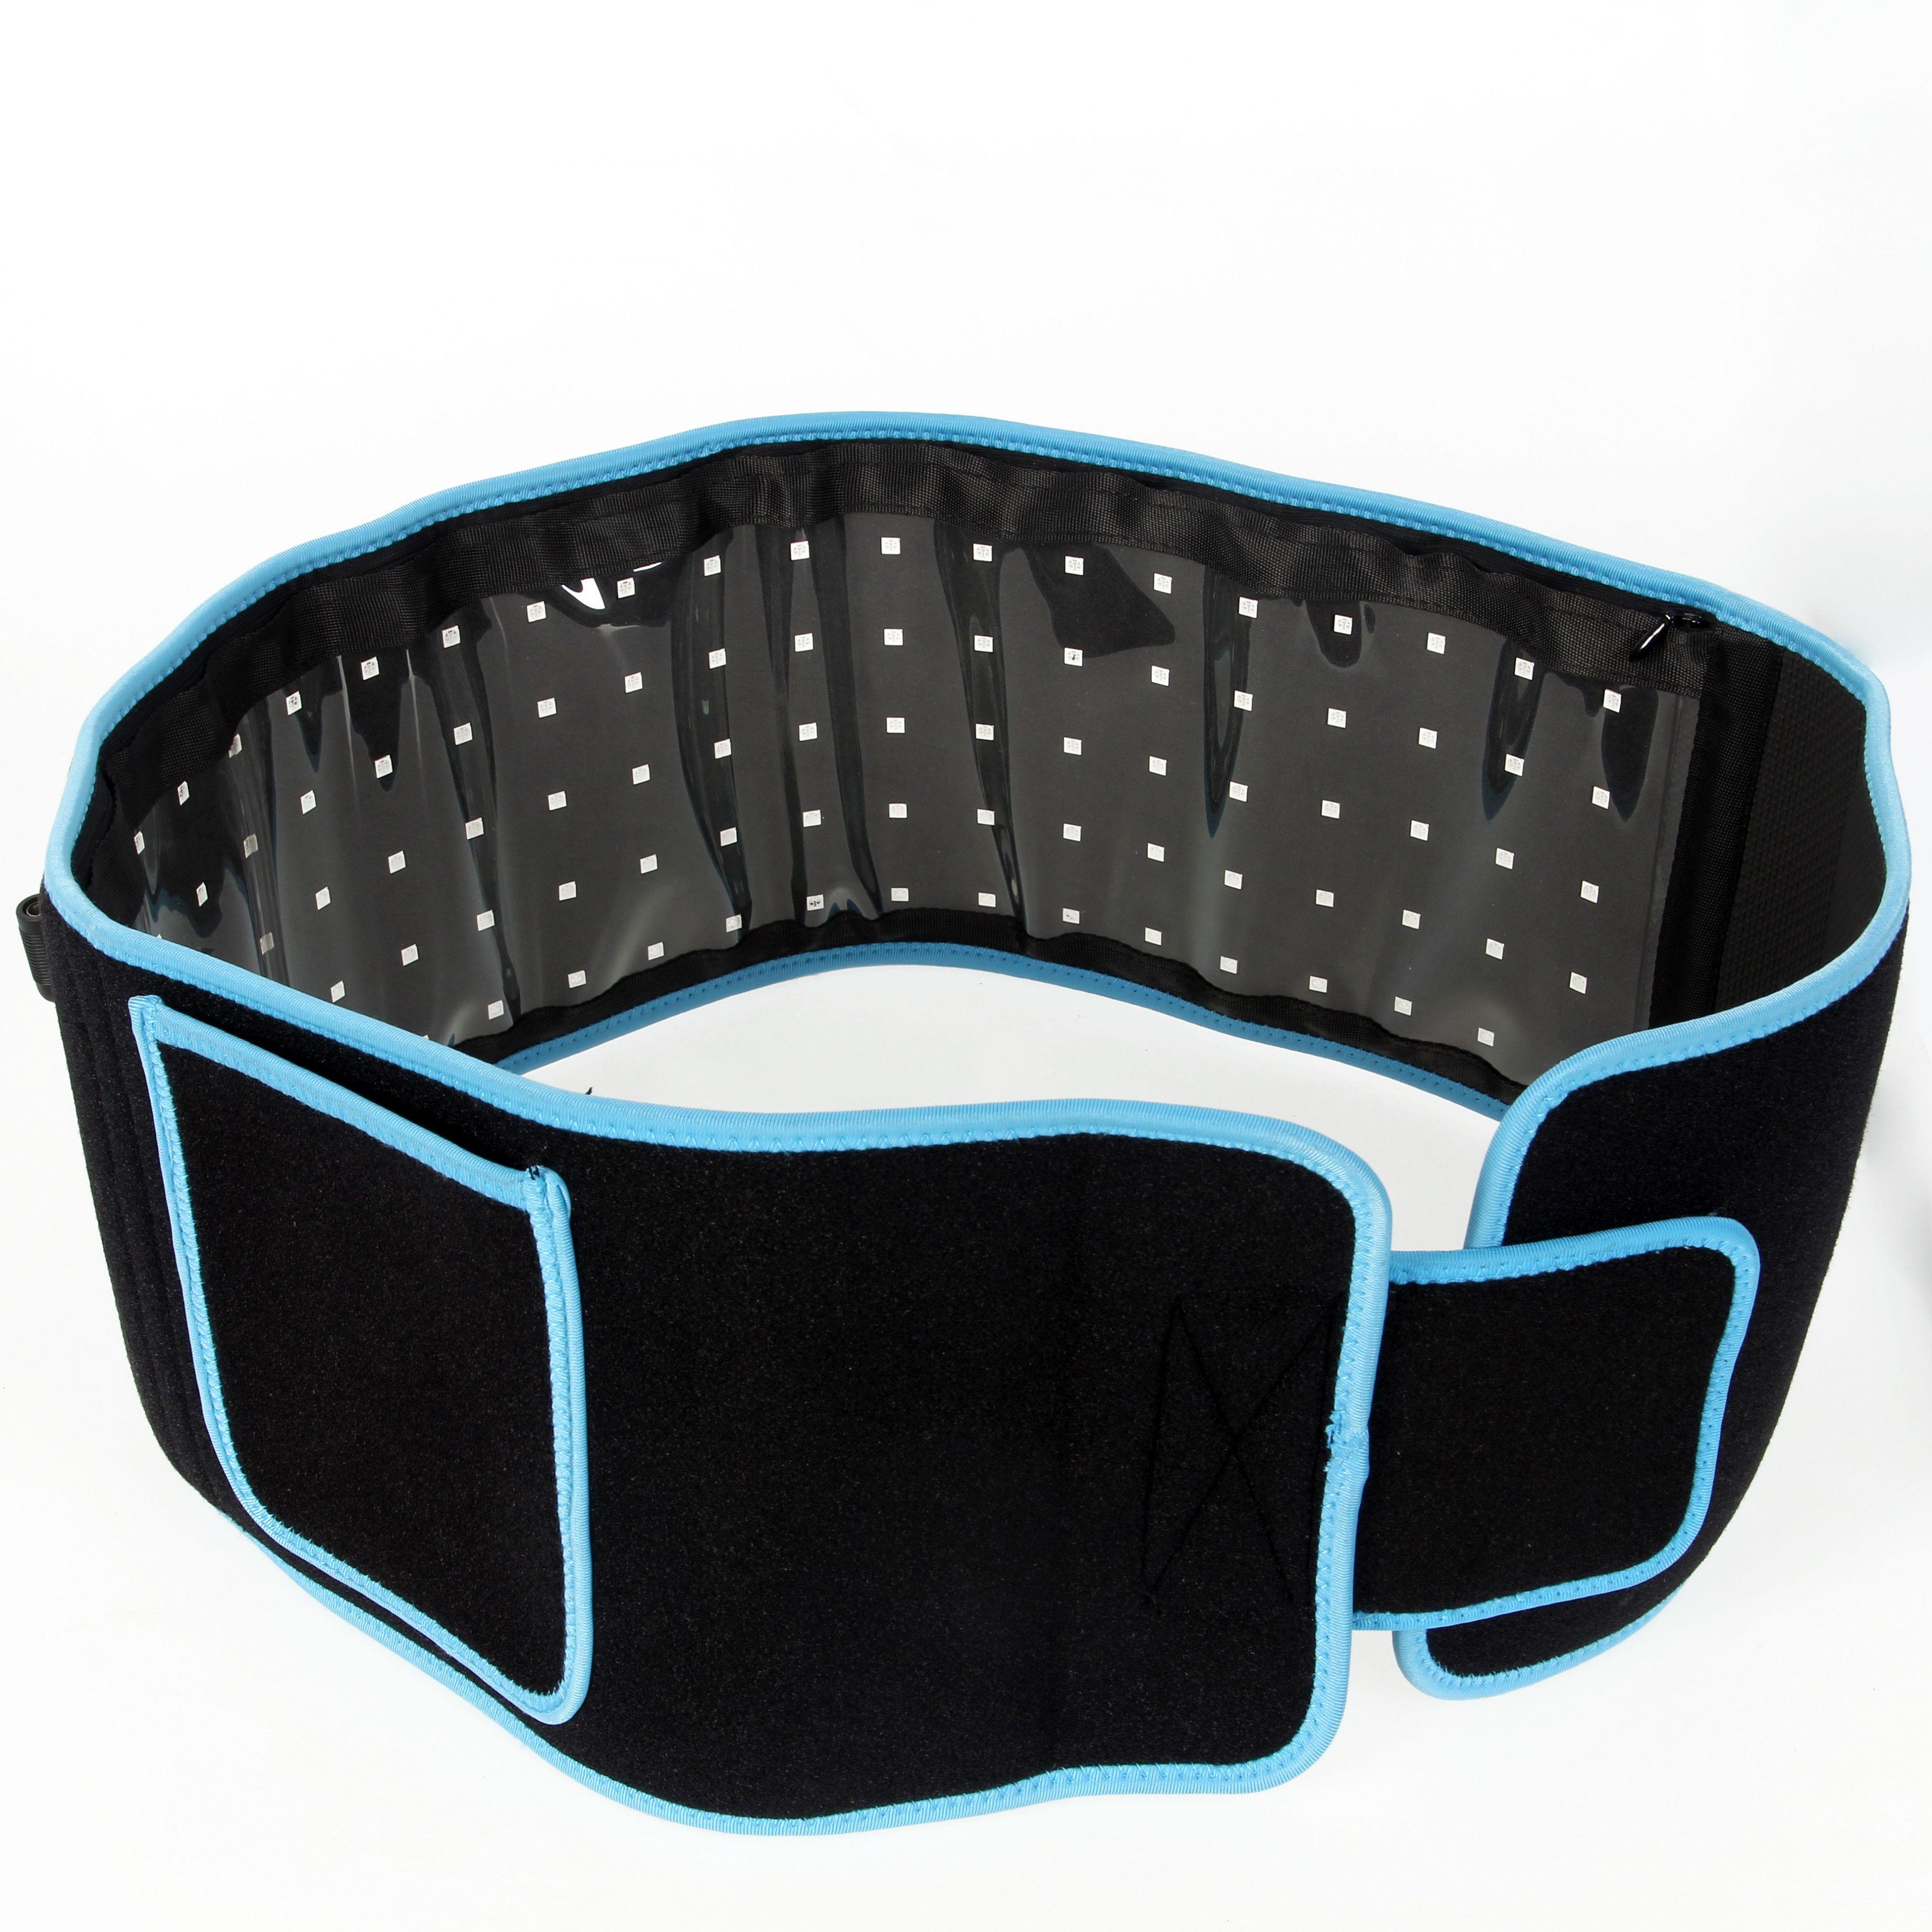 휴대용 LED 슬리밍 허리 벨트 통증 완화 붉은 빛 적외선 물리 치료 벨트 LLLT 지방 분해 바디 성형 조각 660nm 850nm lipo 레이저